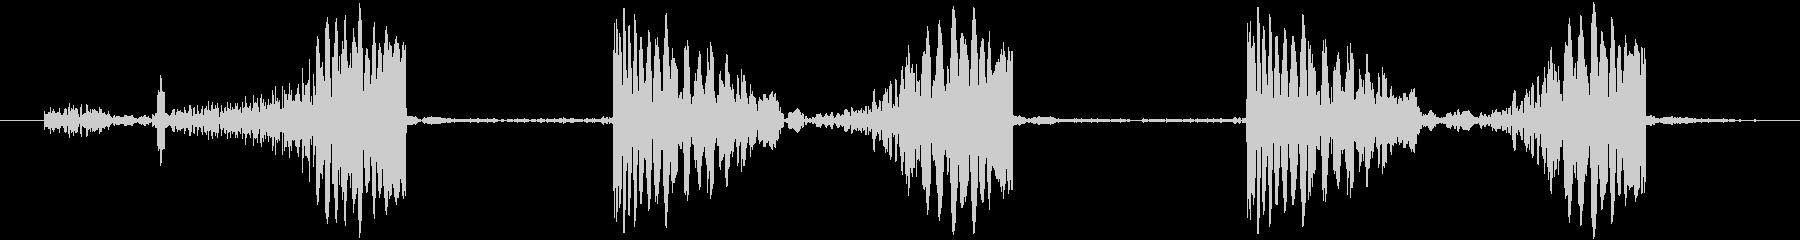 シューシャインスクラッチの未再生の波形